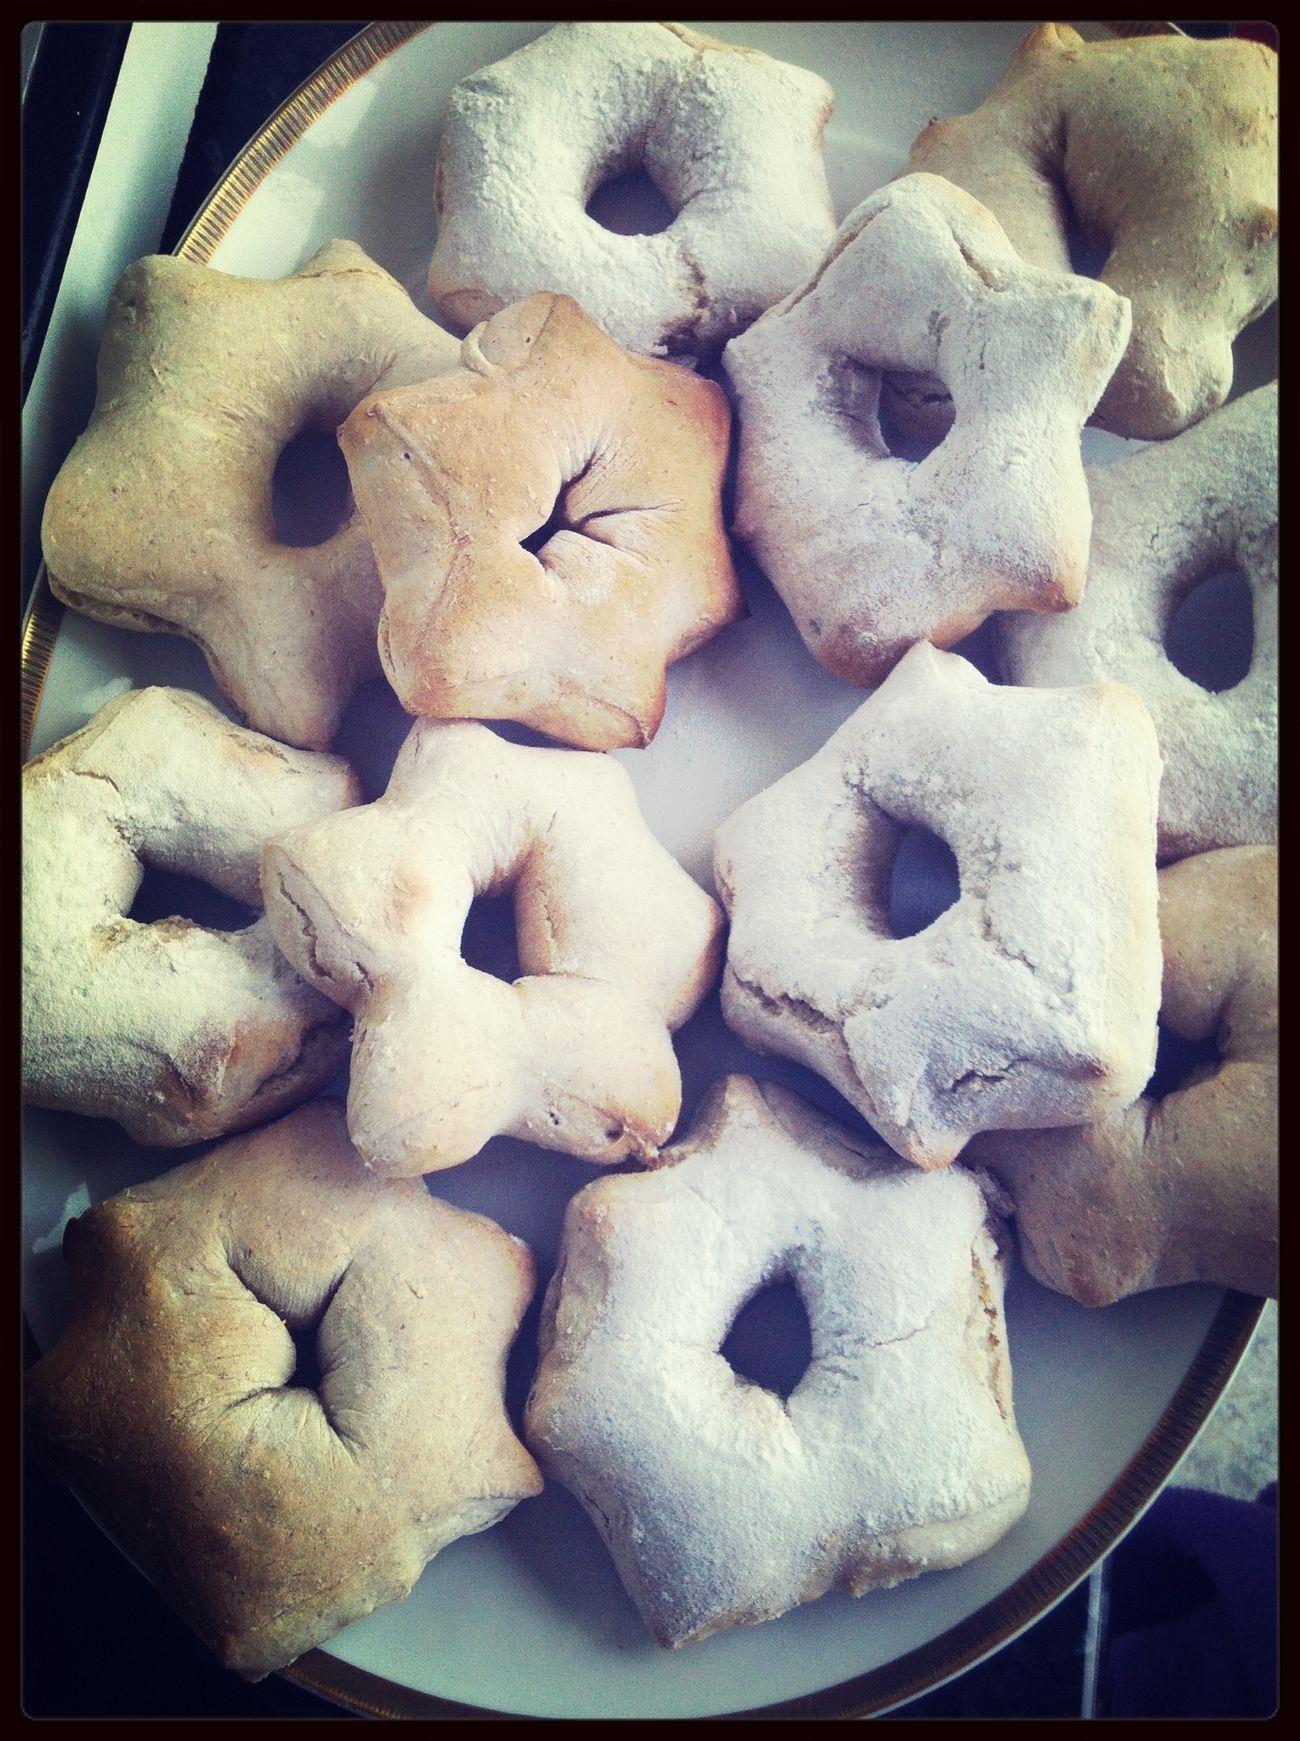 Estrellas de pan para la cena de noche buena :)